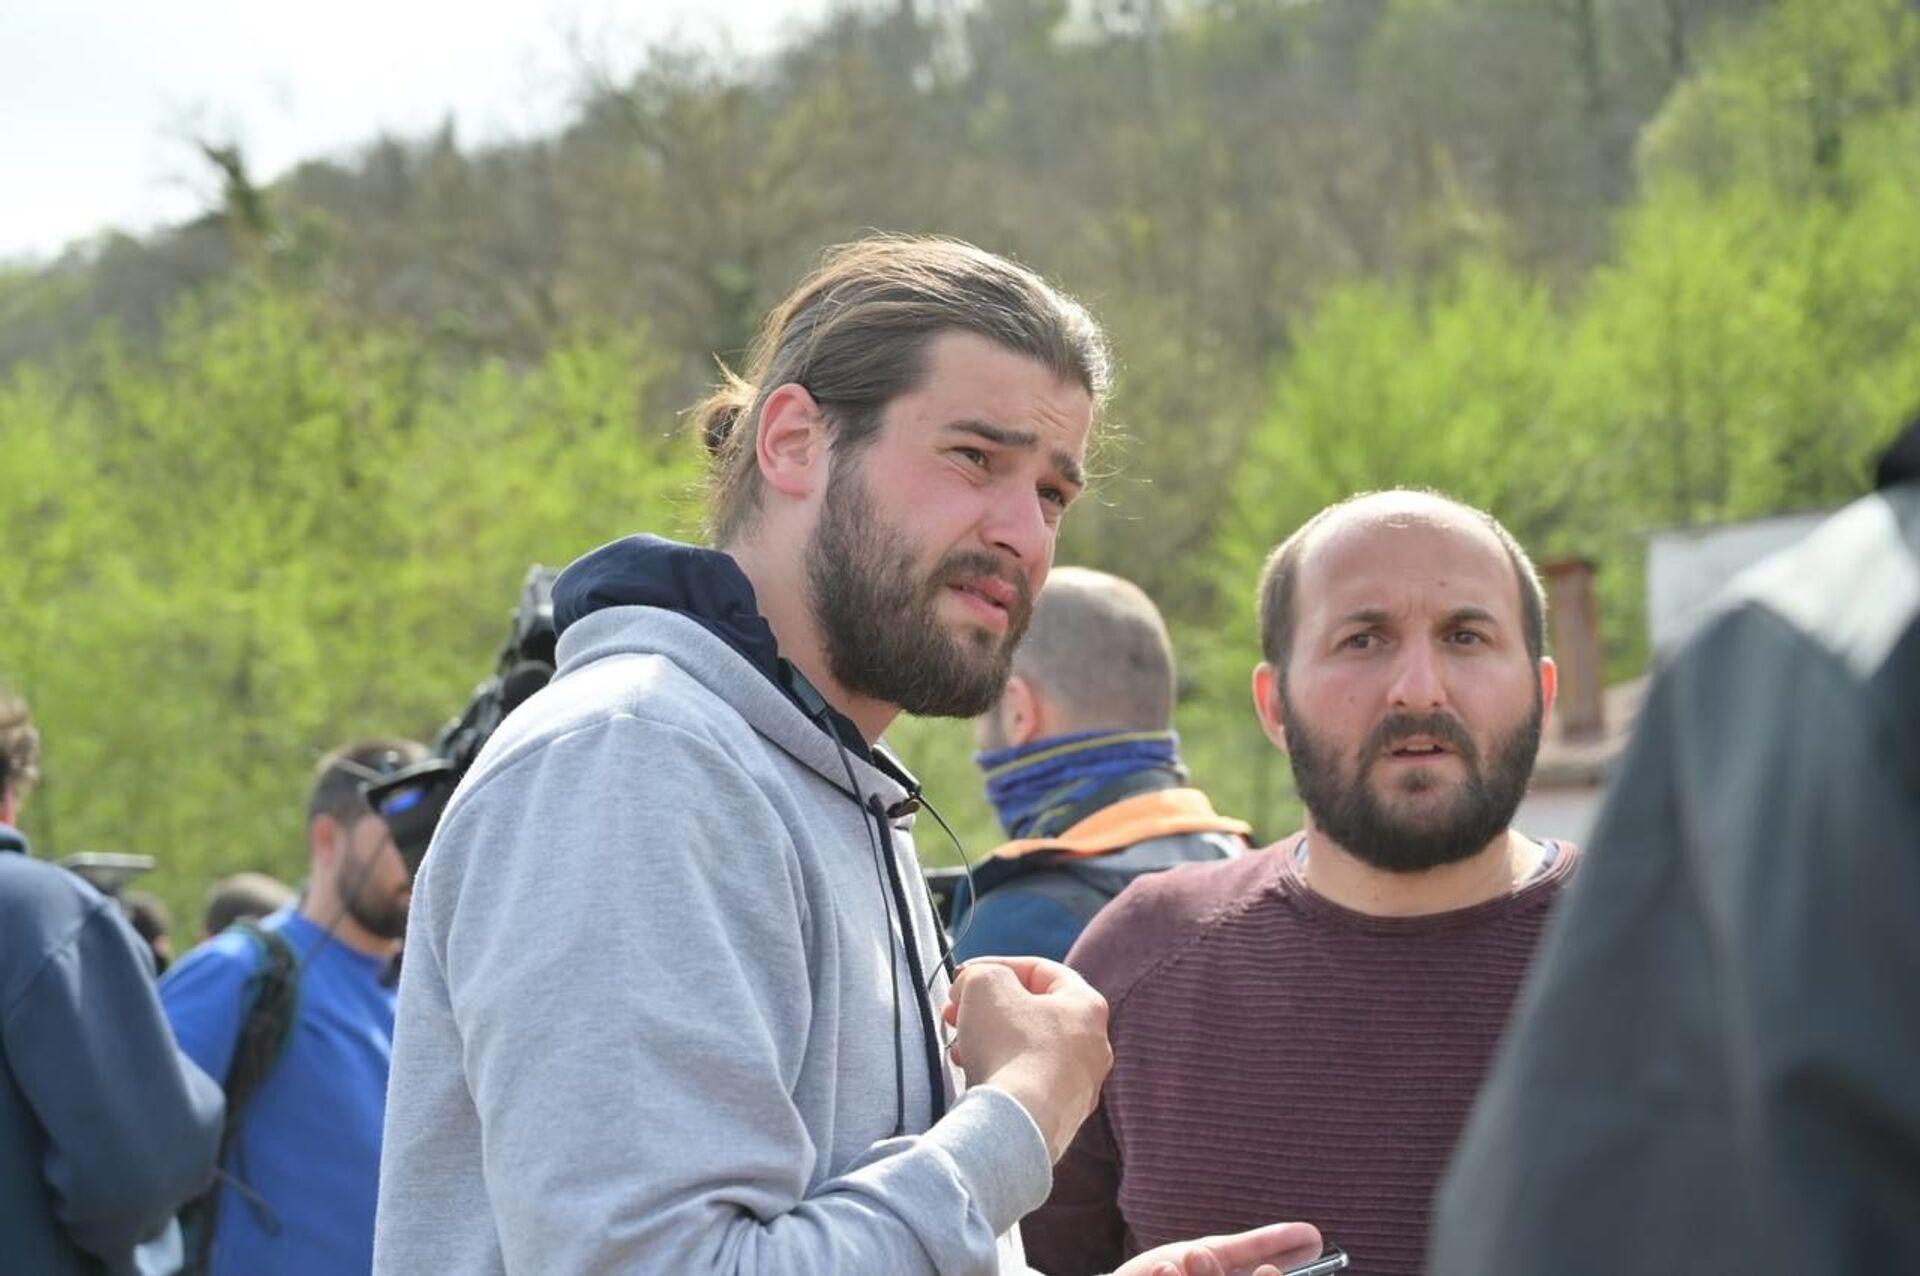 Чего хотят противники строительства Намахвани ГЭС - интервью с лидером протеста - Sputnik Грузия, 1920, 16.04.2021